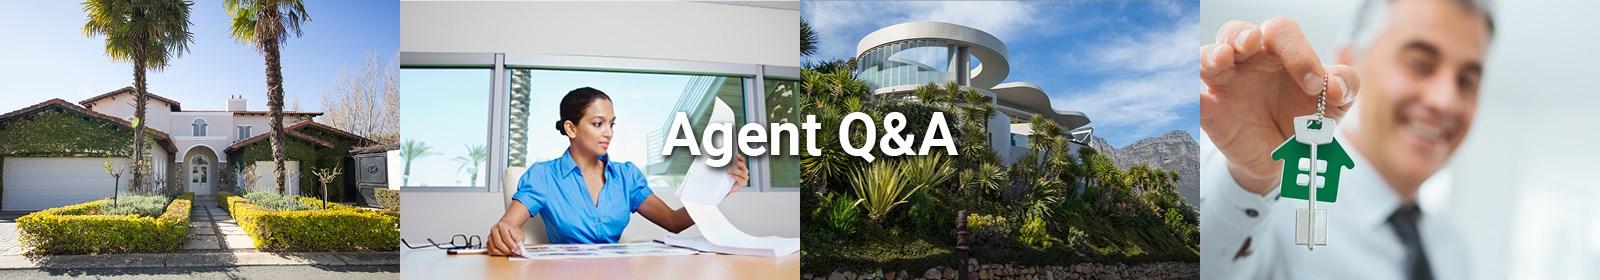 Estate agent Q&A on Stellenbosch